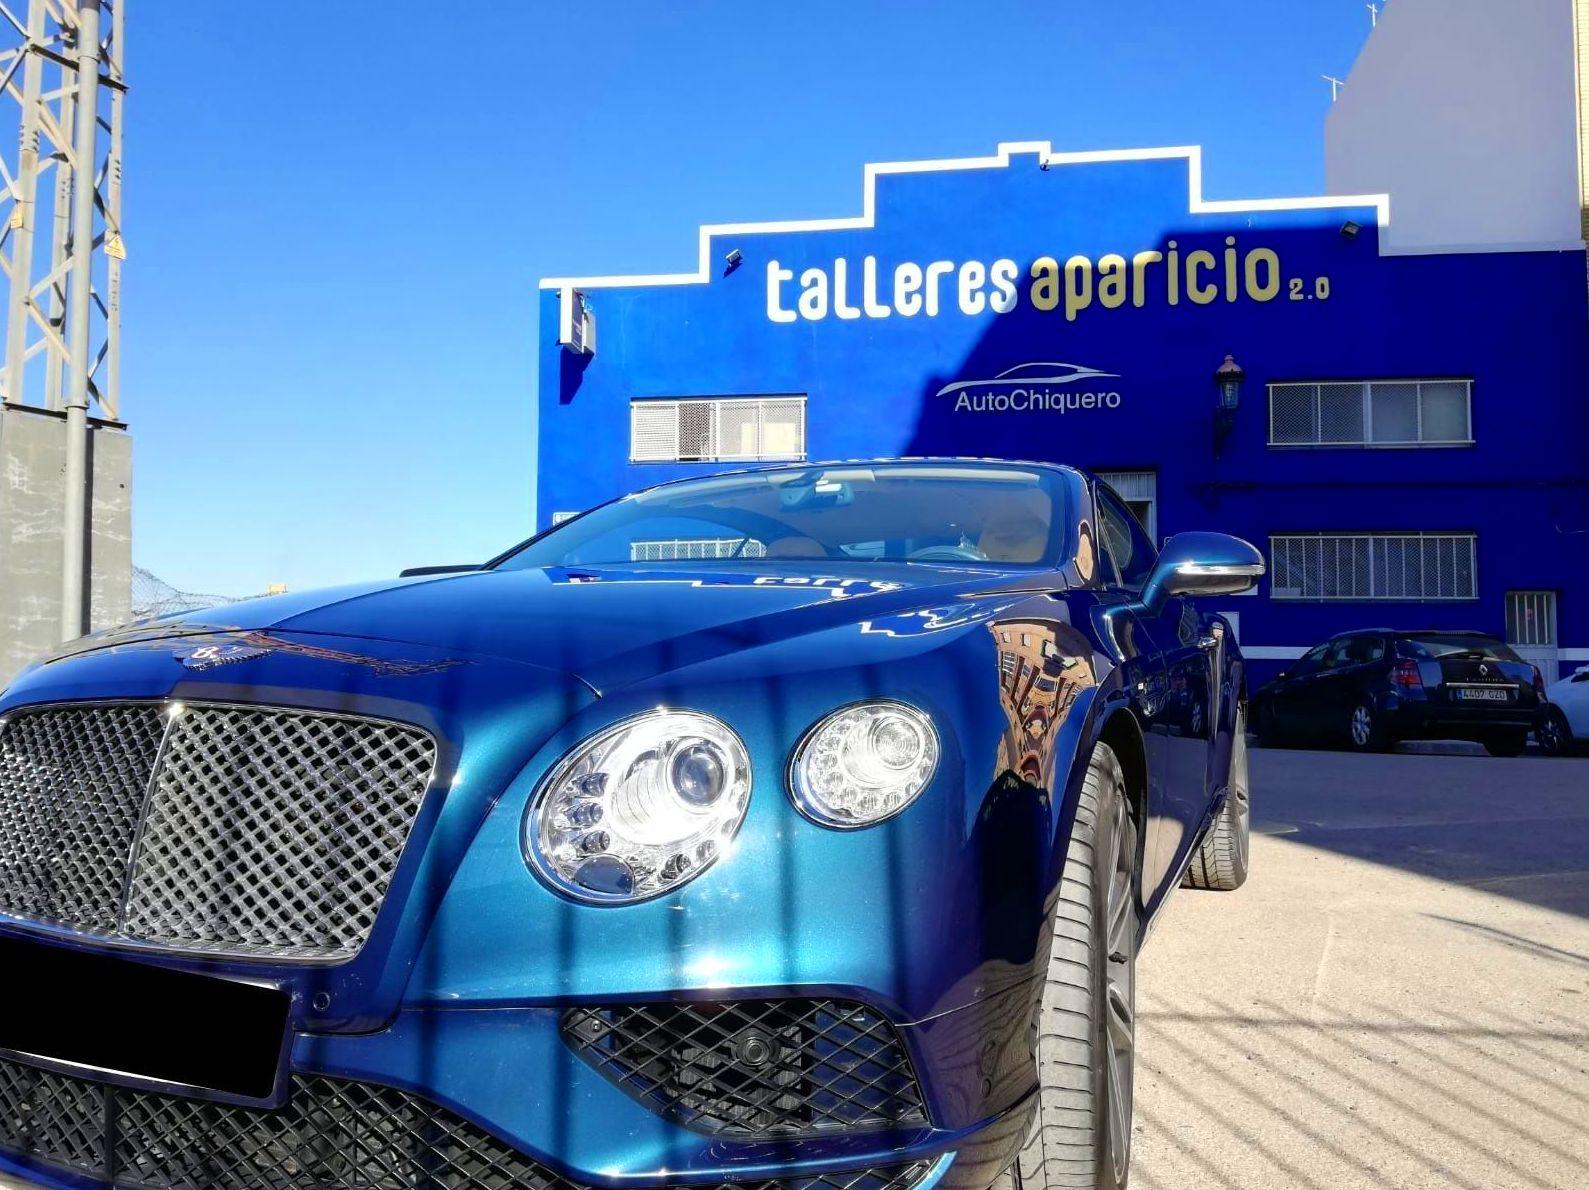 Foto 13 de Talleres de chapa y pintura en Valencia | Talleres Aparicio Autochiquero